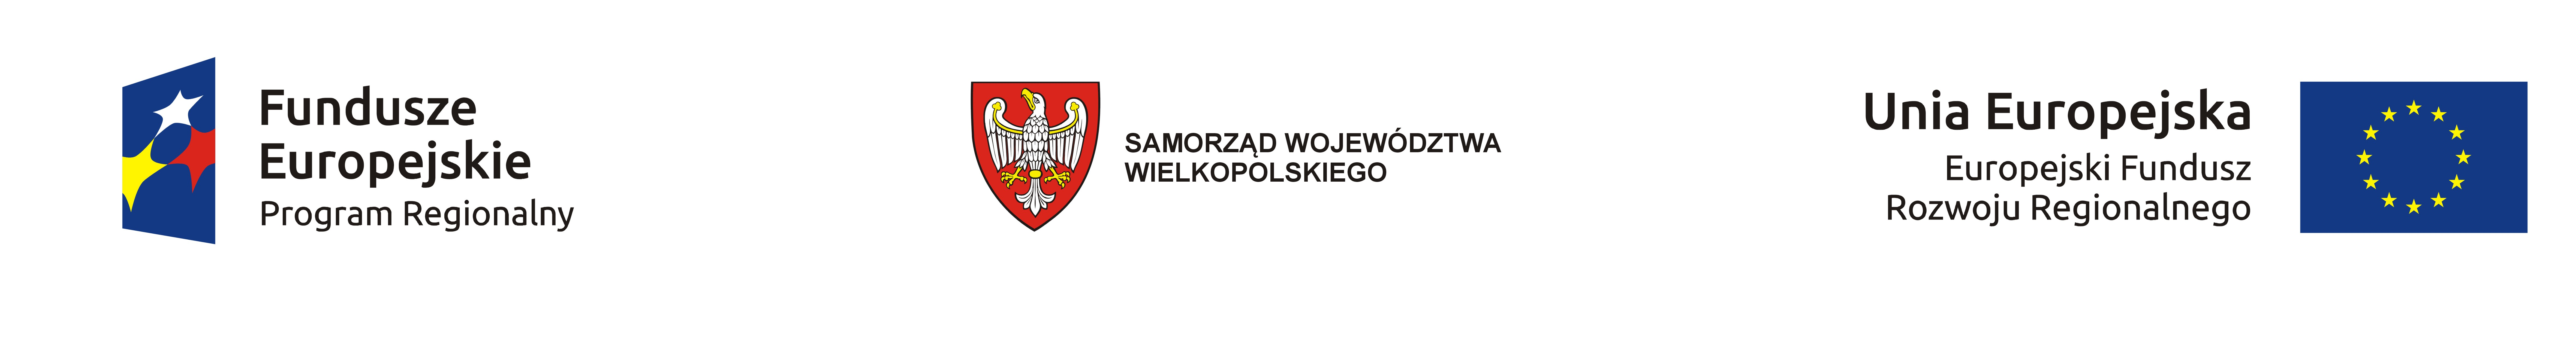 - efrr_samorzad_kolor.jpg